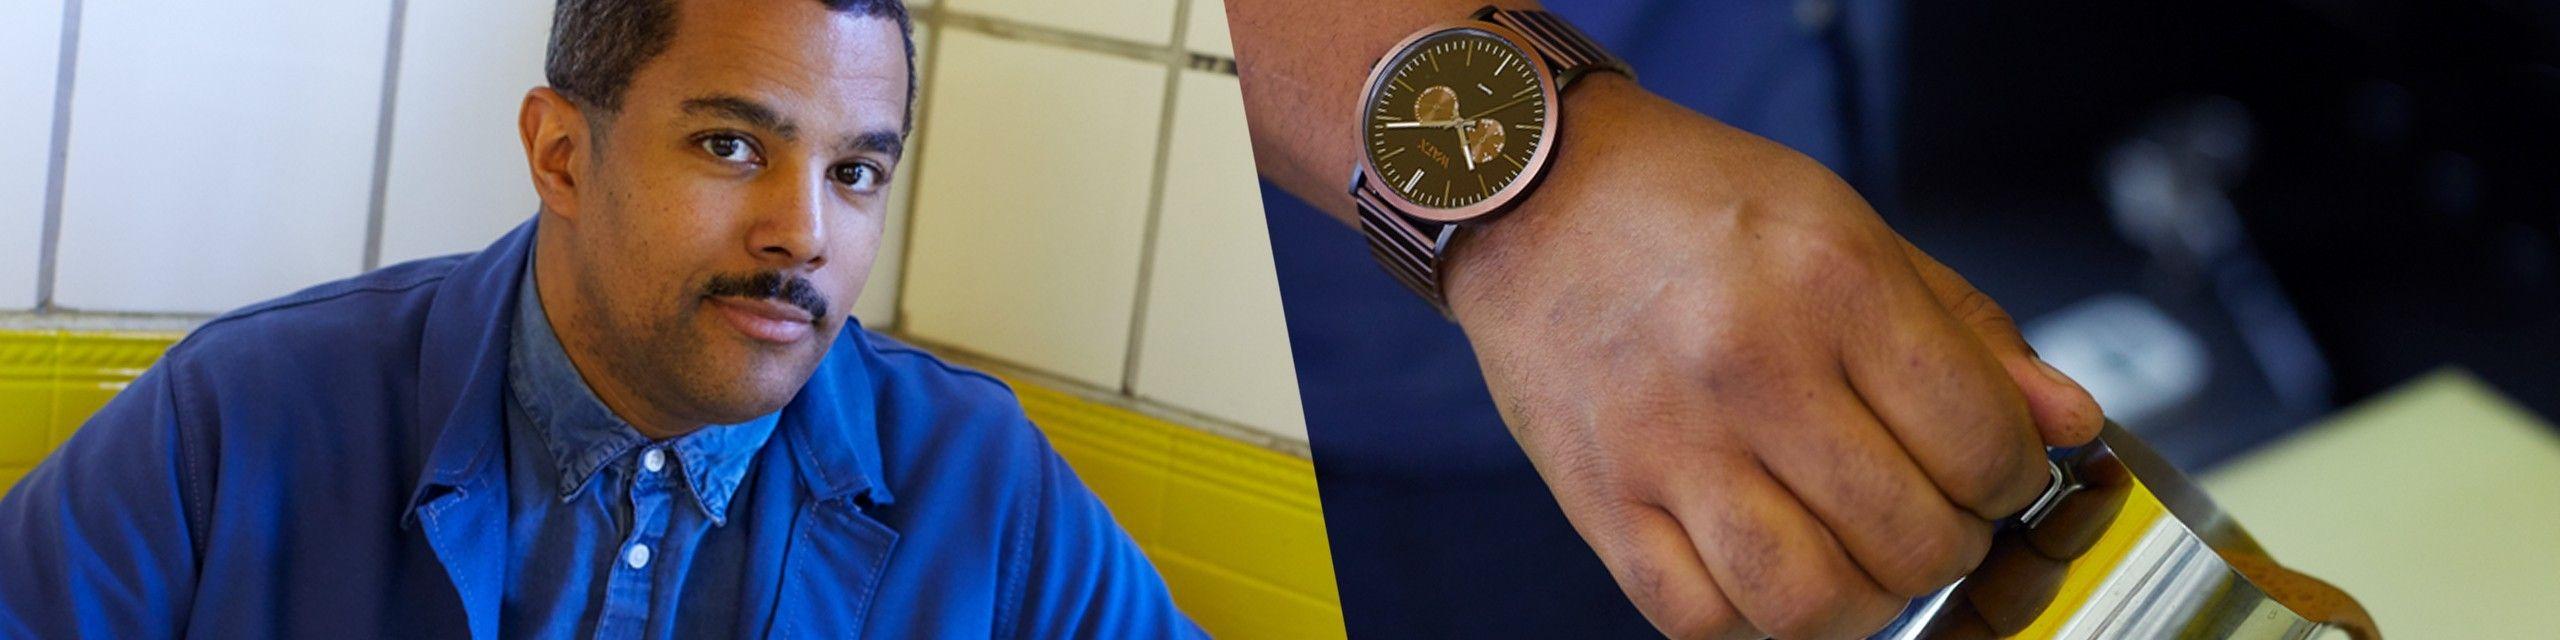 Tienda online de relojes metálicos de hombre - Watx España